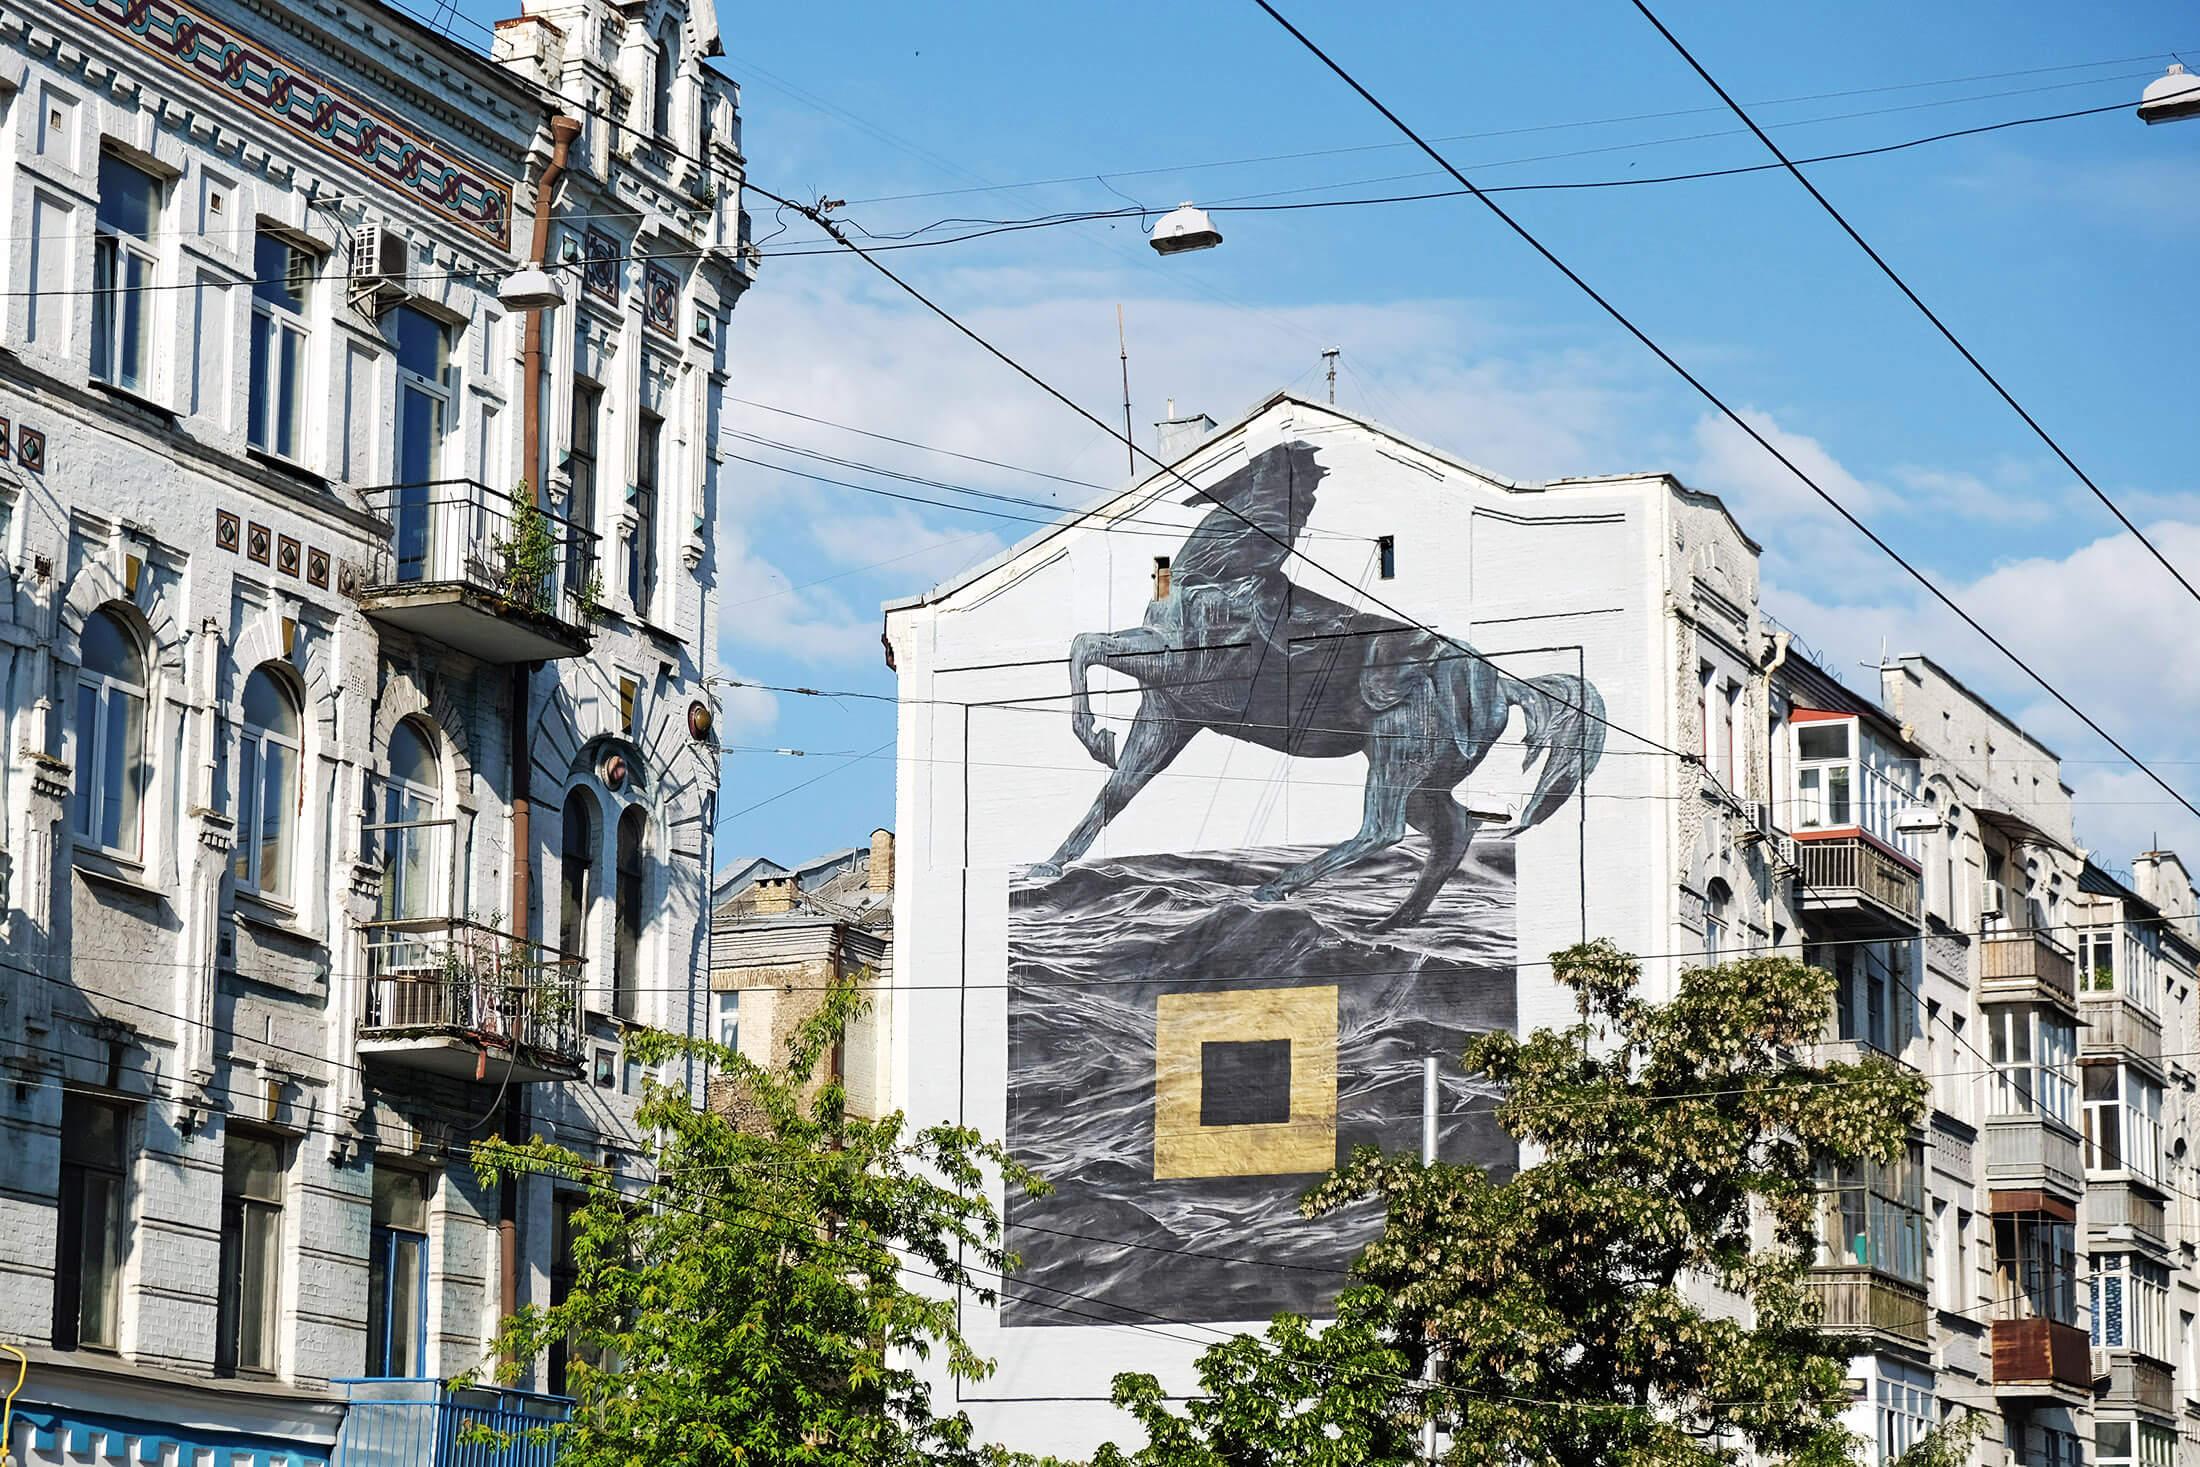 Ricky Lee Gordon street art mural for Art United us, kiev, Ukraine 2016